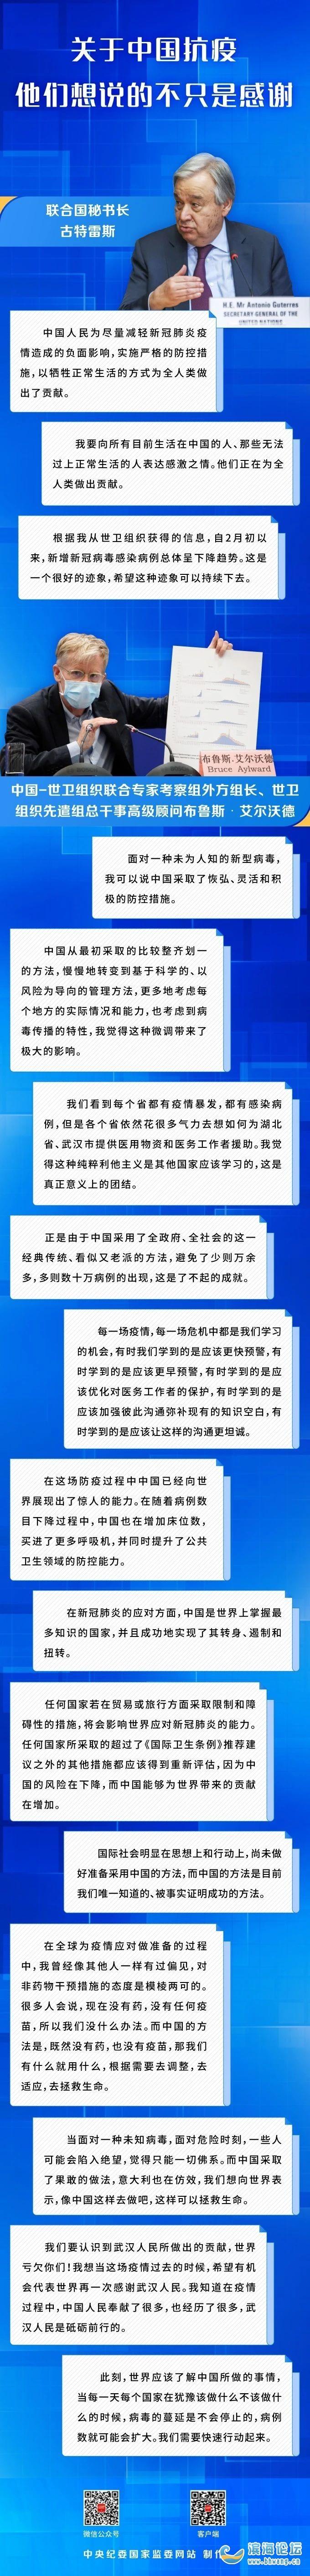 关于中国抗疫,他们想说的不只是感谢